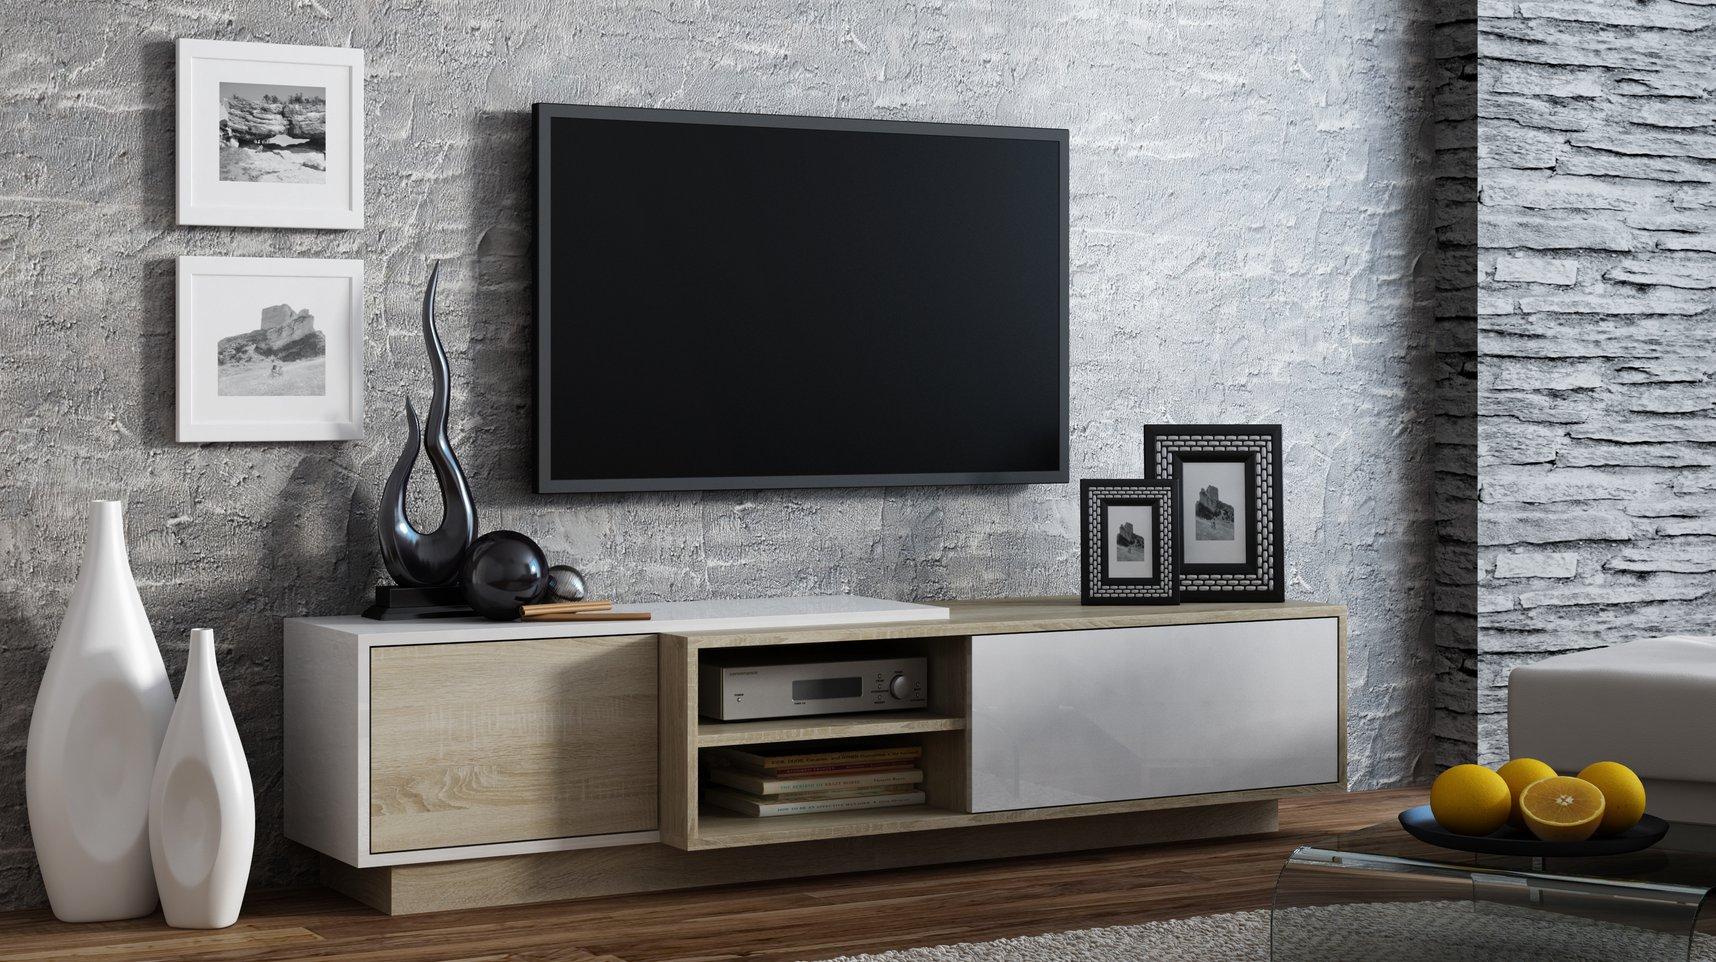 CAMA MEBLE Televízny stolík SIGMA 1 Farba: biela/dub sonoma